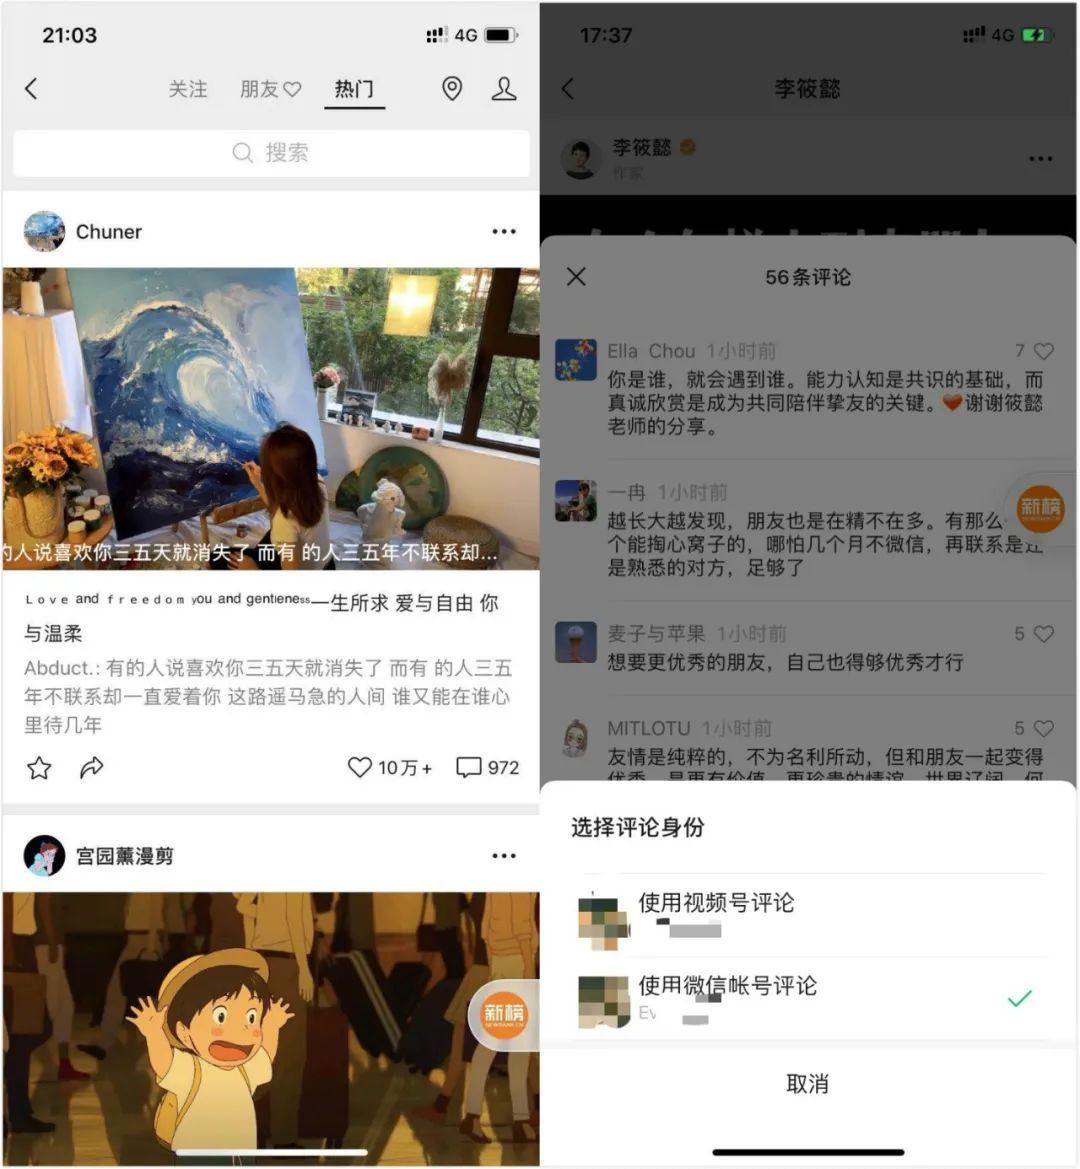 """微信<a href='https://www.zhouxiaohui.cn/duanshipin/'>视频号</a>上线""""弹幕""""功能;李子柒疑被越南博主抄袭,律师称维权难度大 -第2张图片-周小辉<a href='https://www.zhouxiaohui.cn/duanshipin/'>短视频</a>培训博客"""